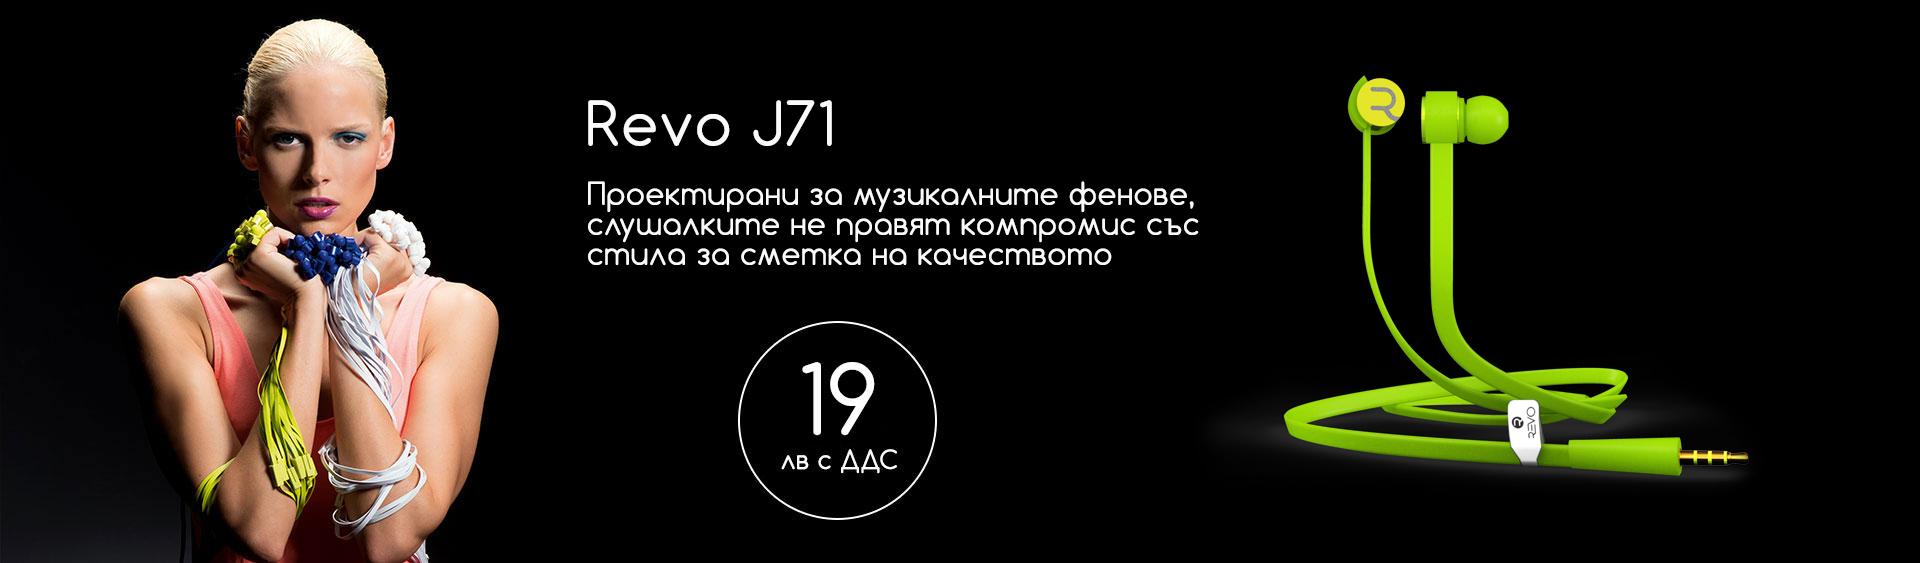 Слушалки Revo J71